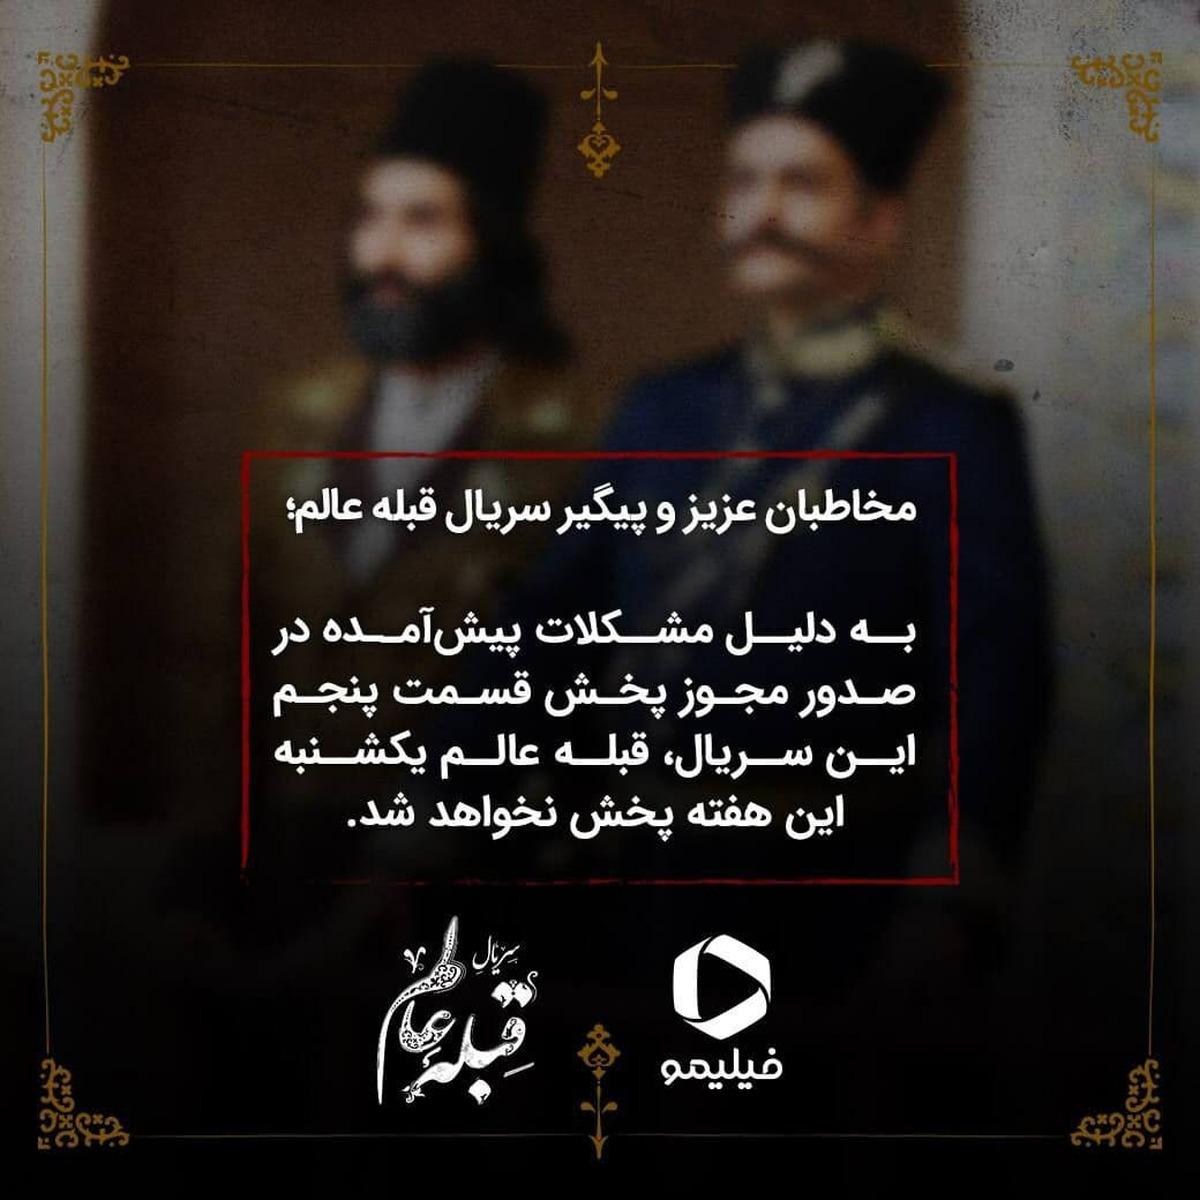 """صداوسیما به قسمت پنجم """"قبله عالم"""" مجوز پخش نداد"""